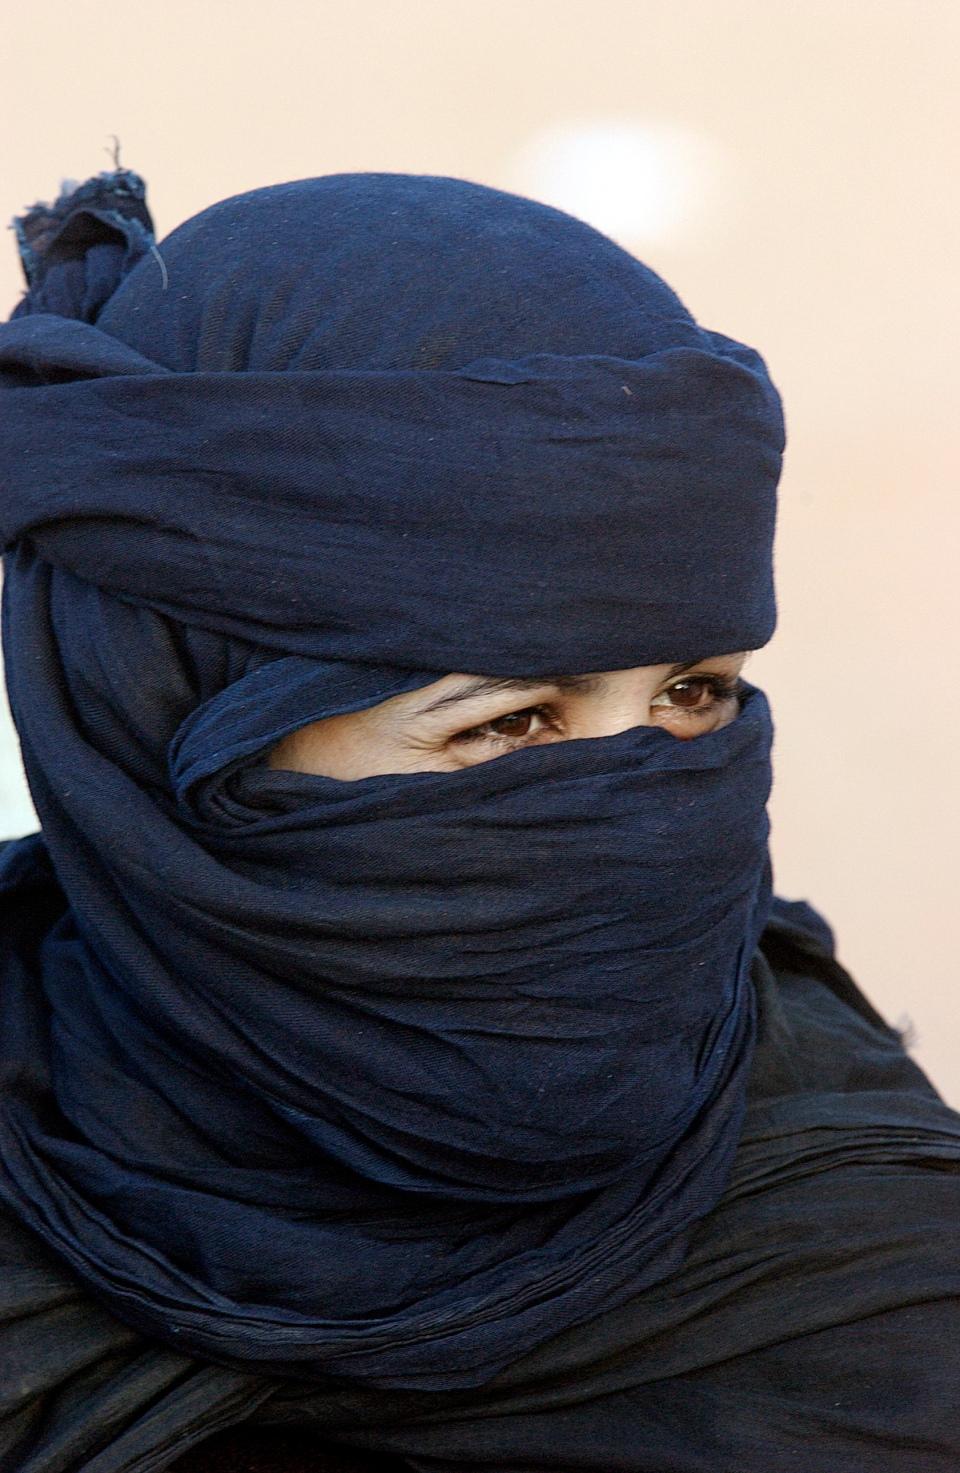 Women dressed in black burka